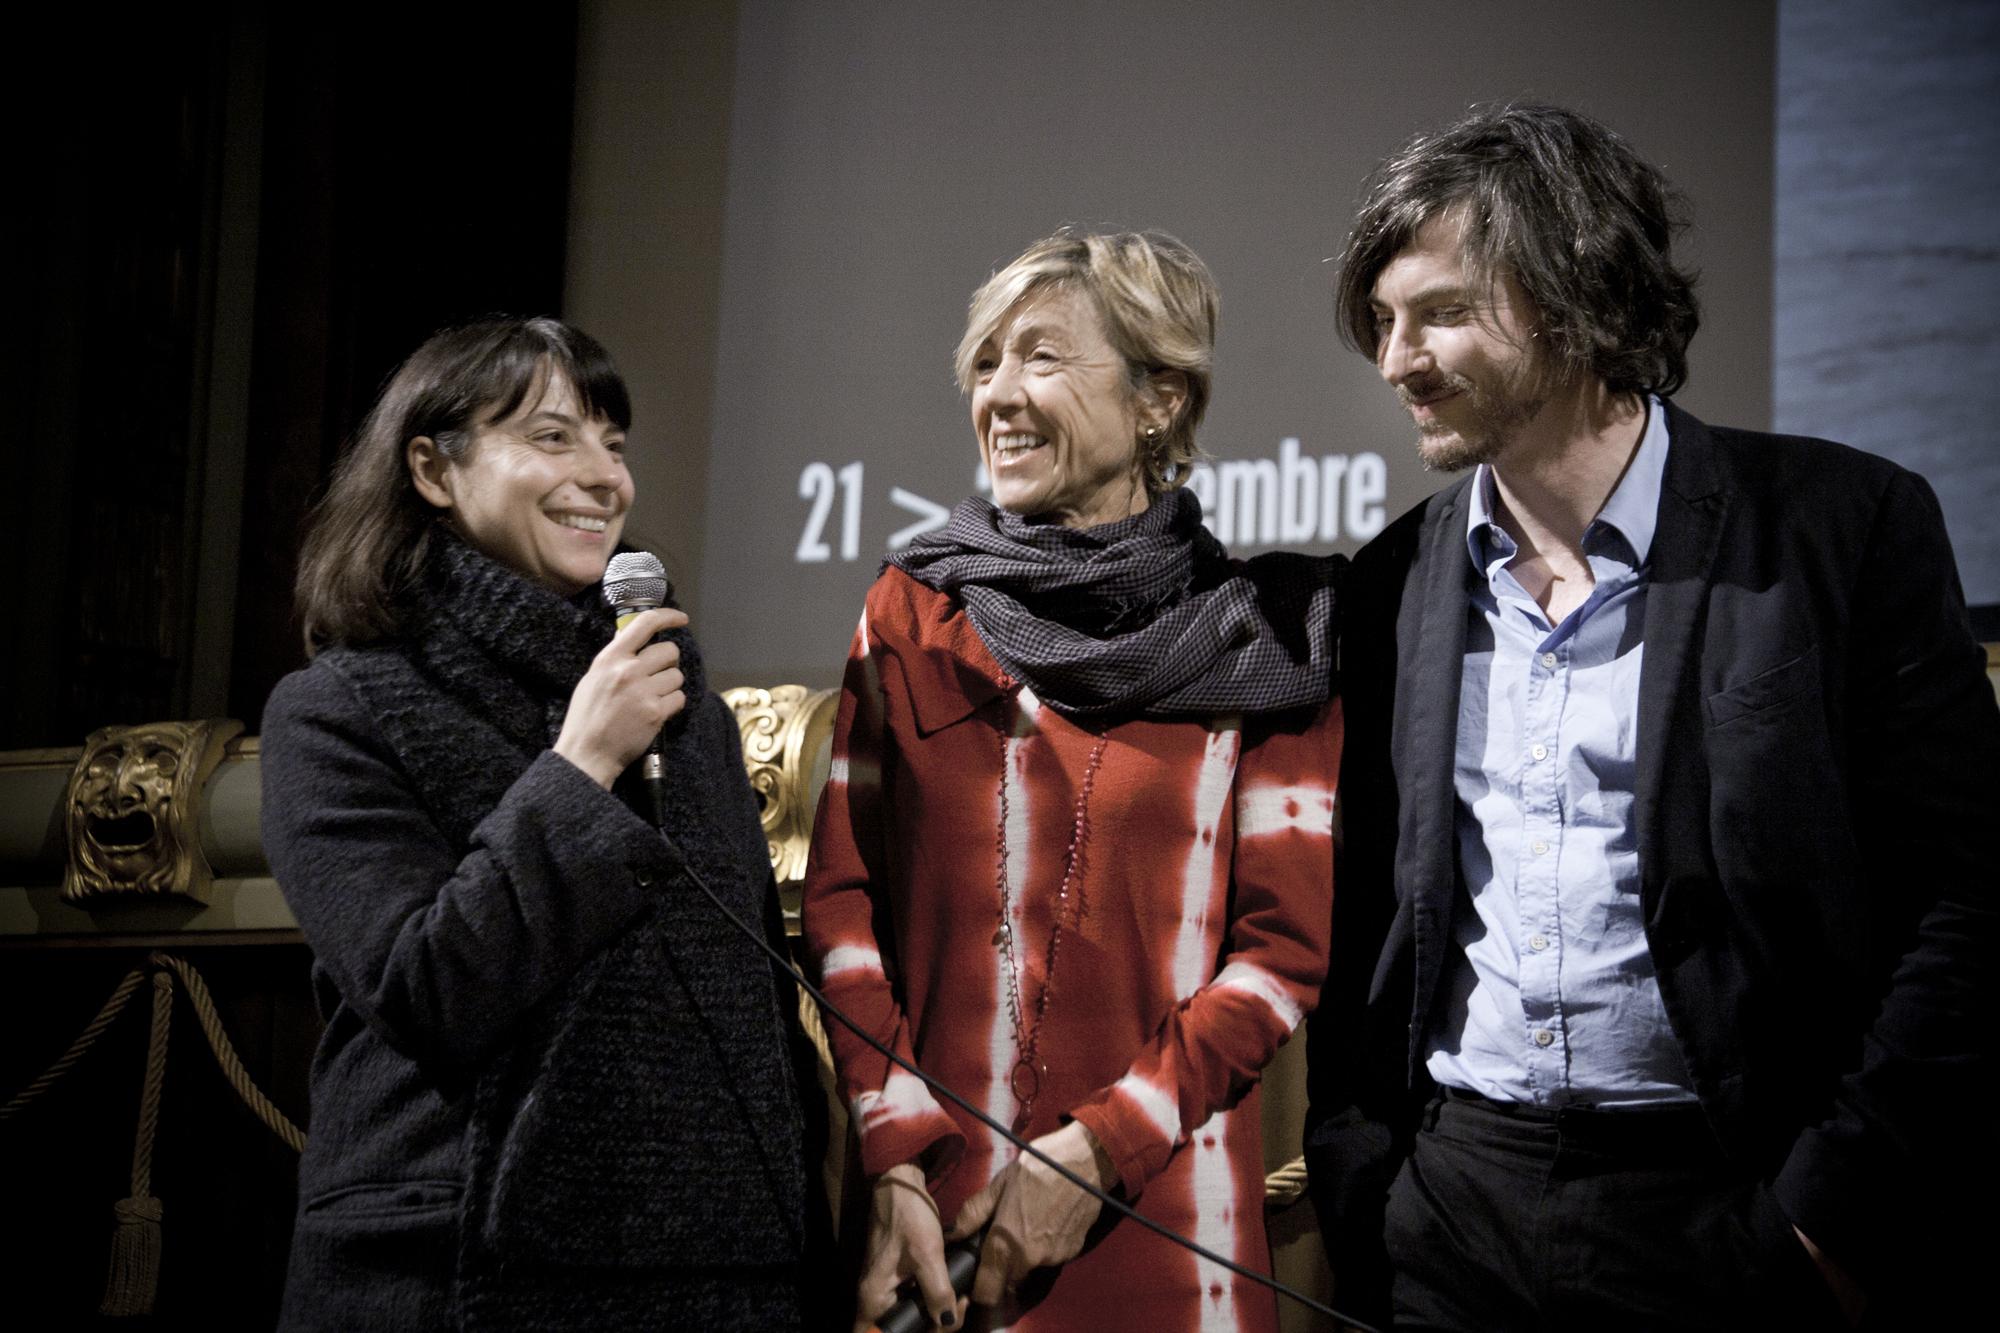 Anna-Teixeira-Pinto-e-Jan-Peter-Hammer-Lo-schermo-dellarte-Film-Festival-2012